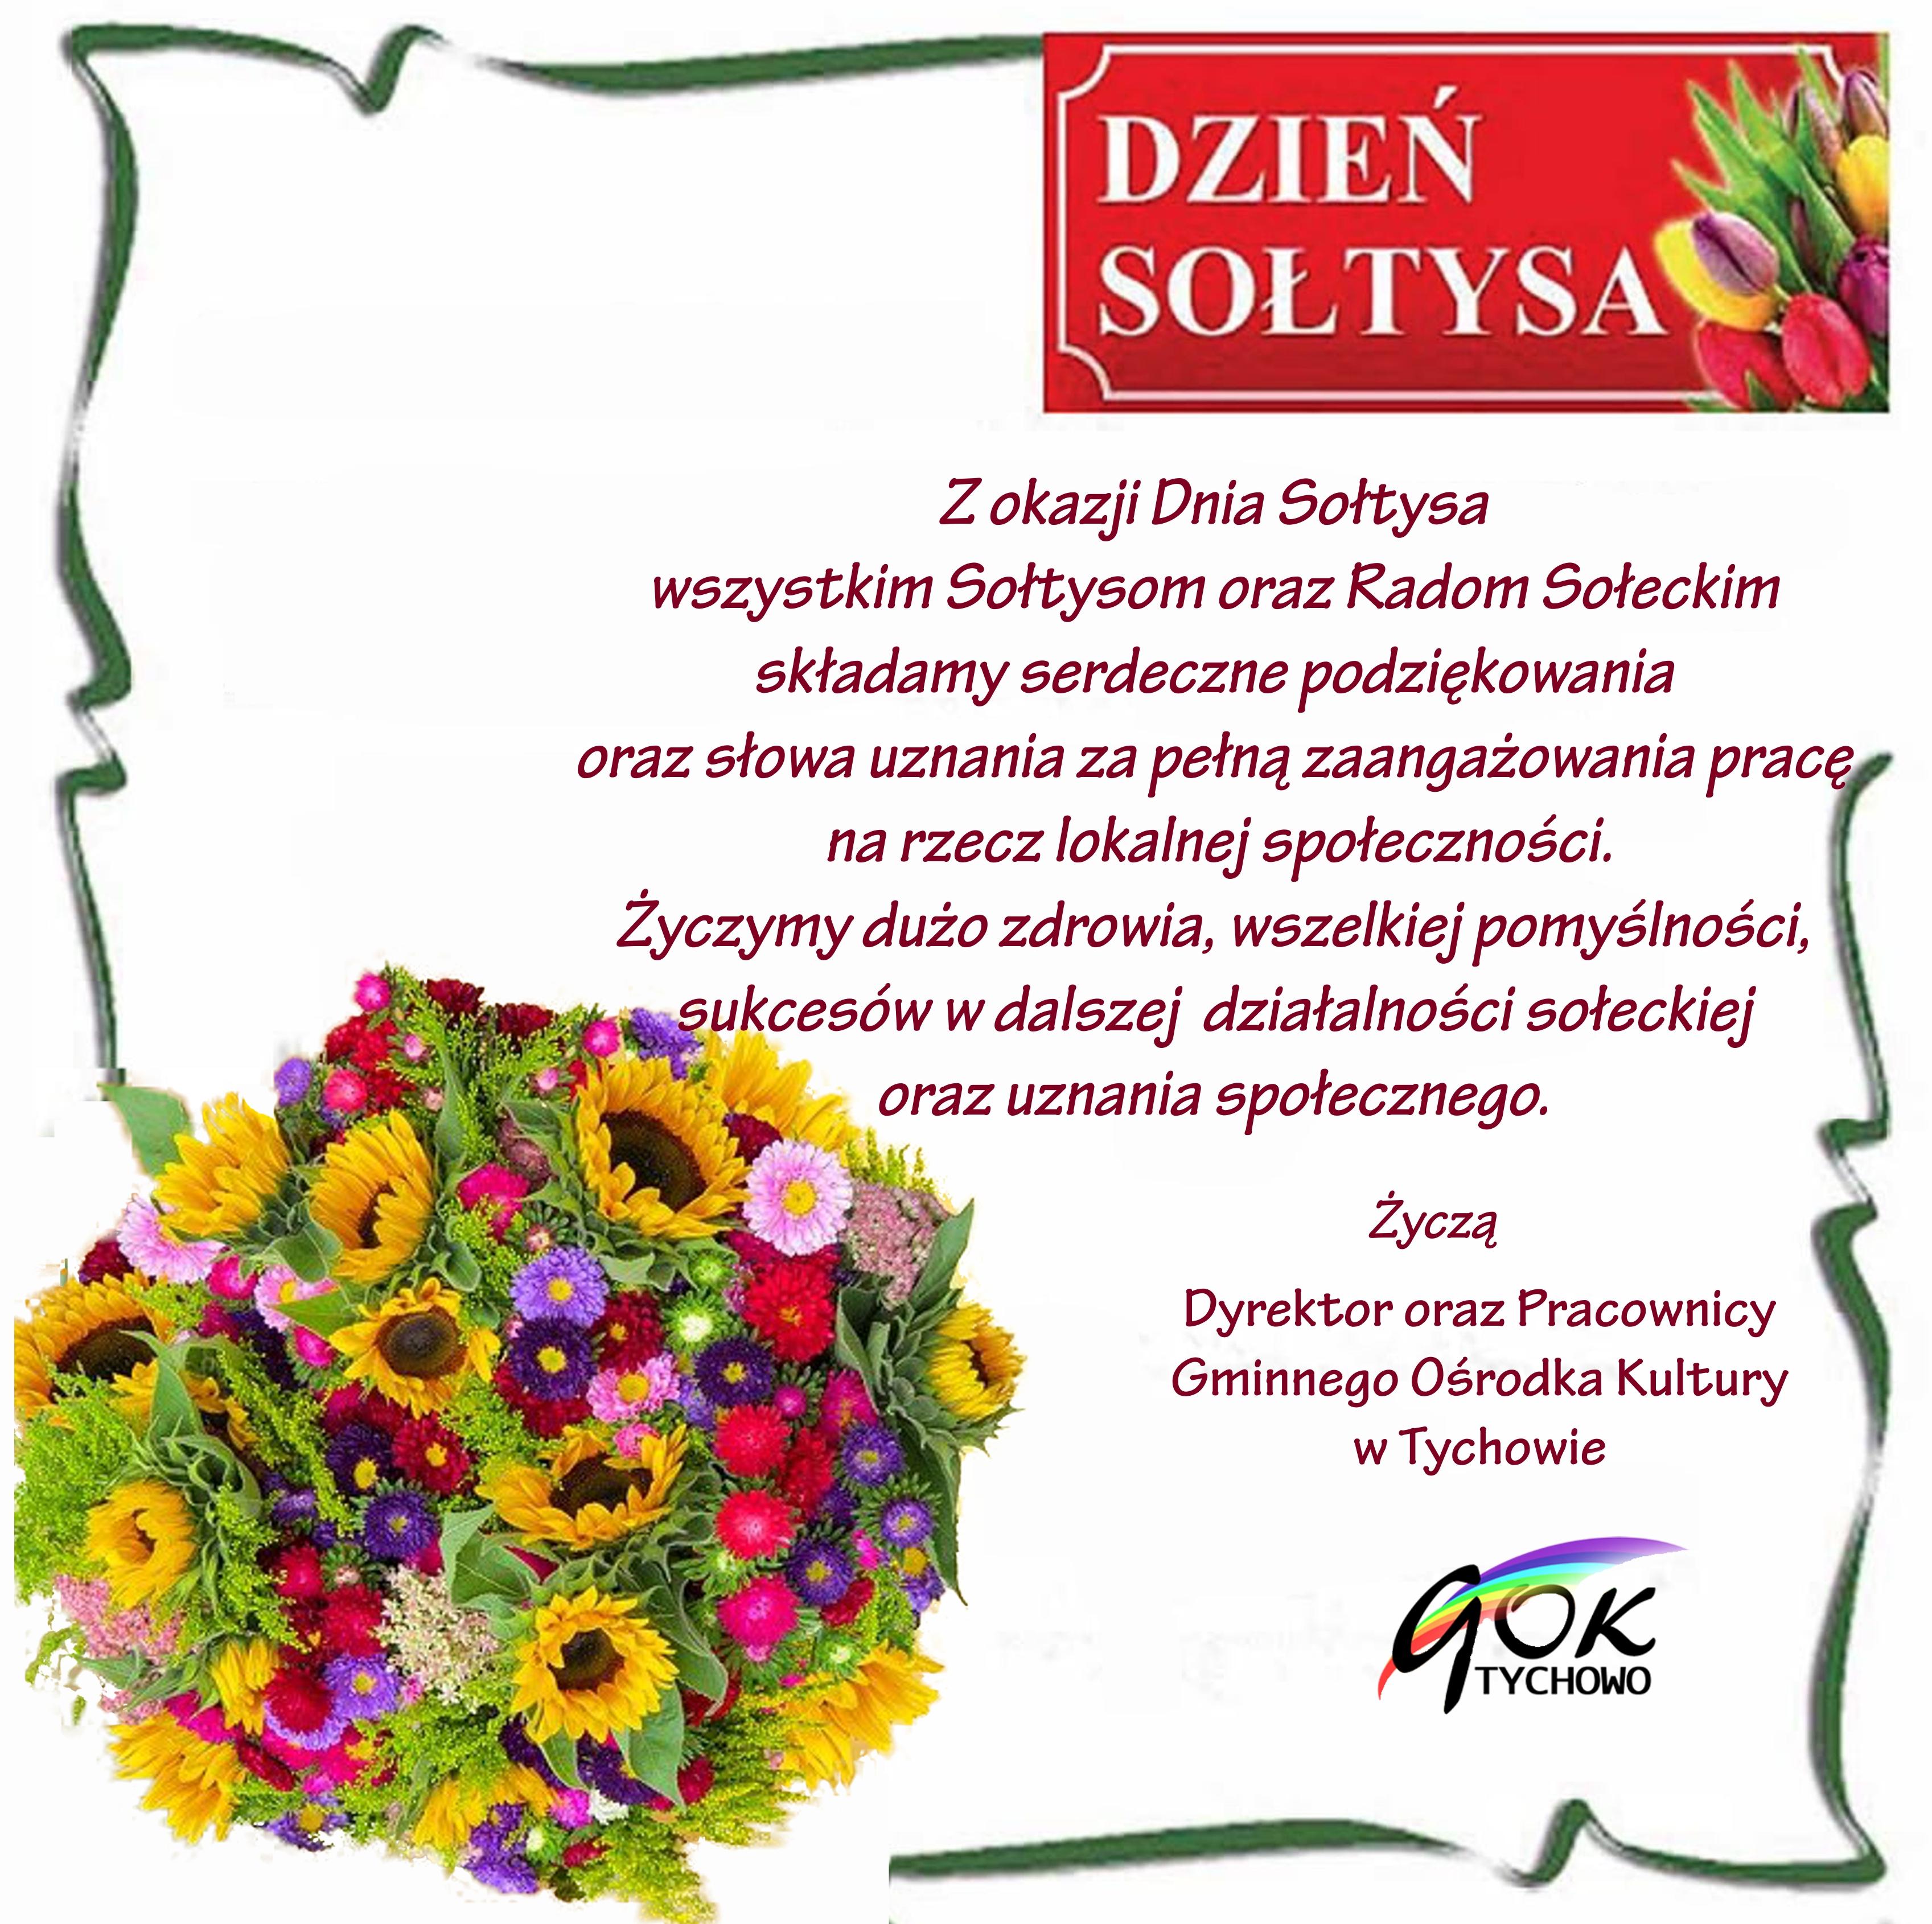 Życzenia dla wszystkich Sołtysów oraz Rad Sołeckich z okazji Dnia Sołtysa.